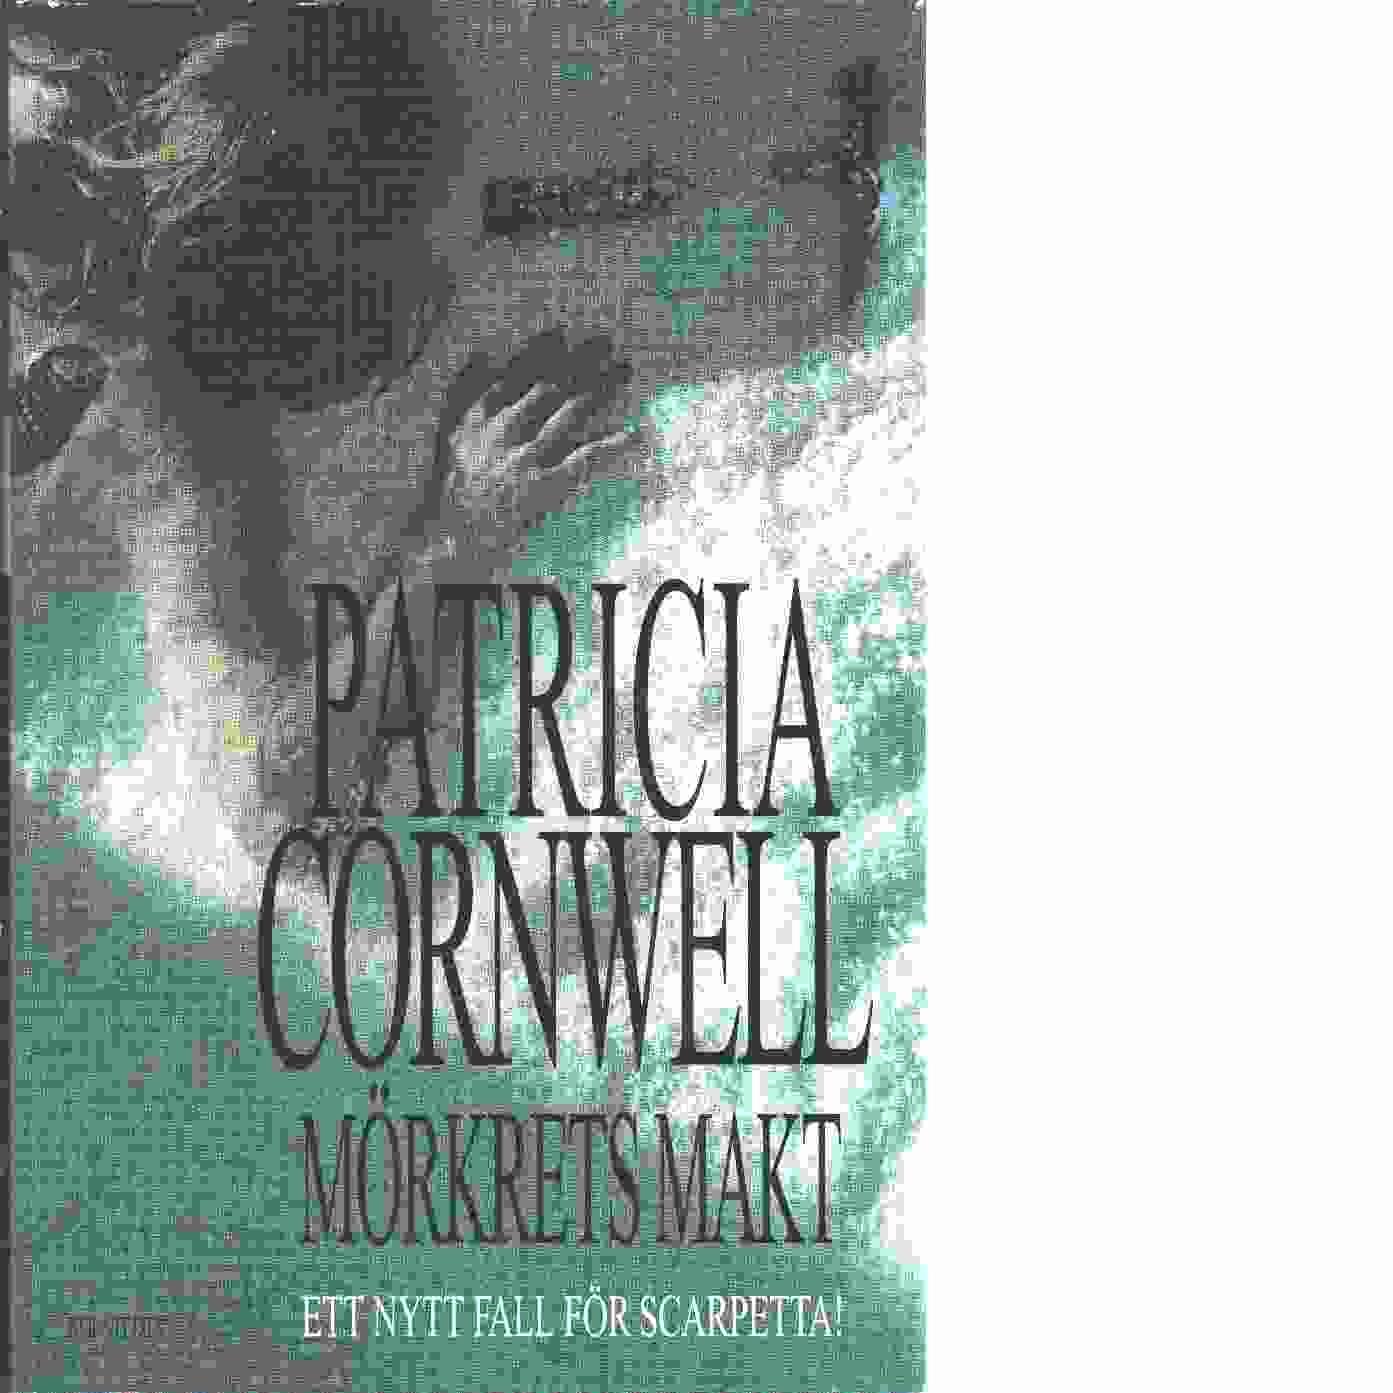 Mörkrets makt - Cornwell, Patricia Daniels